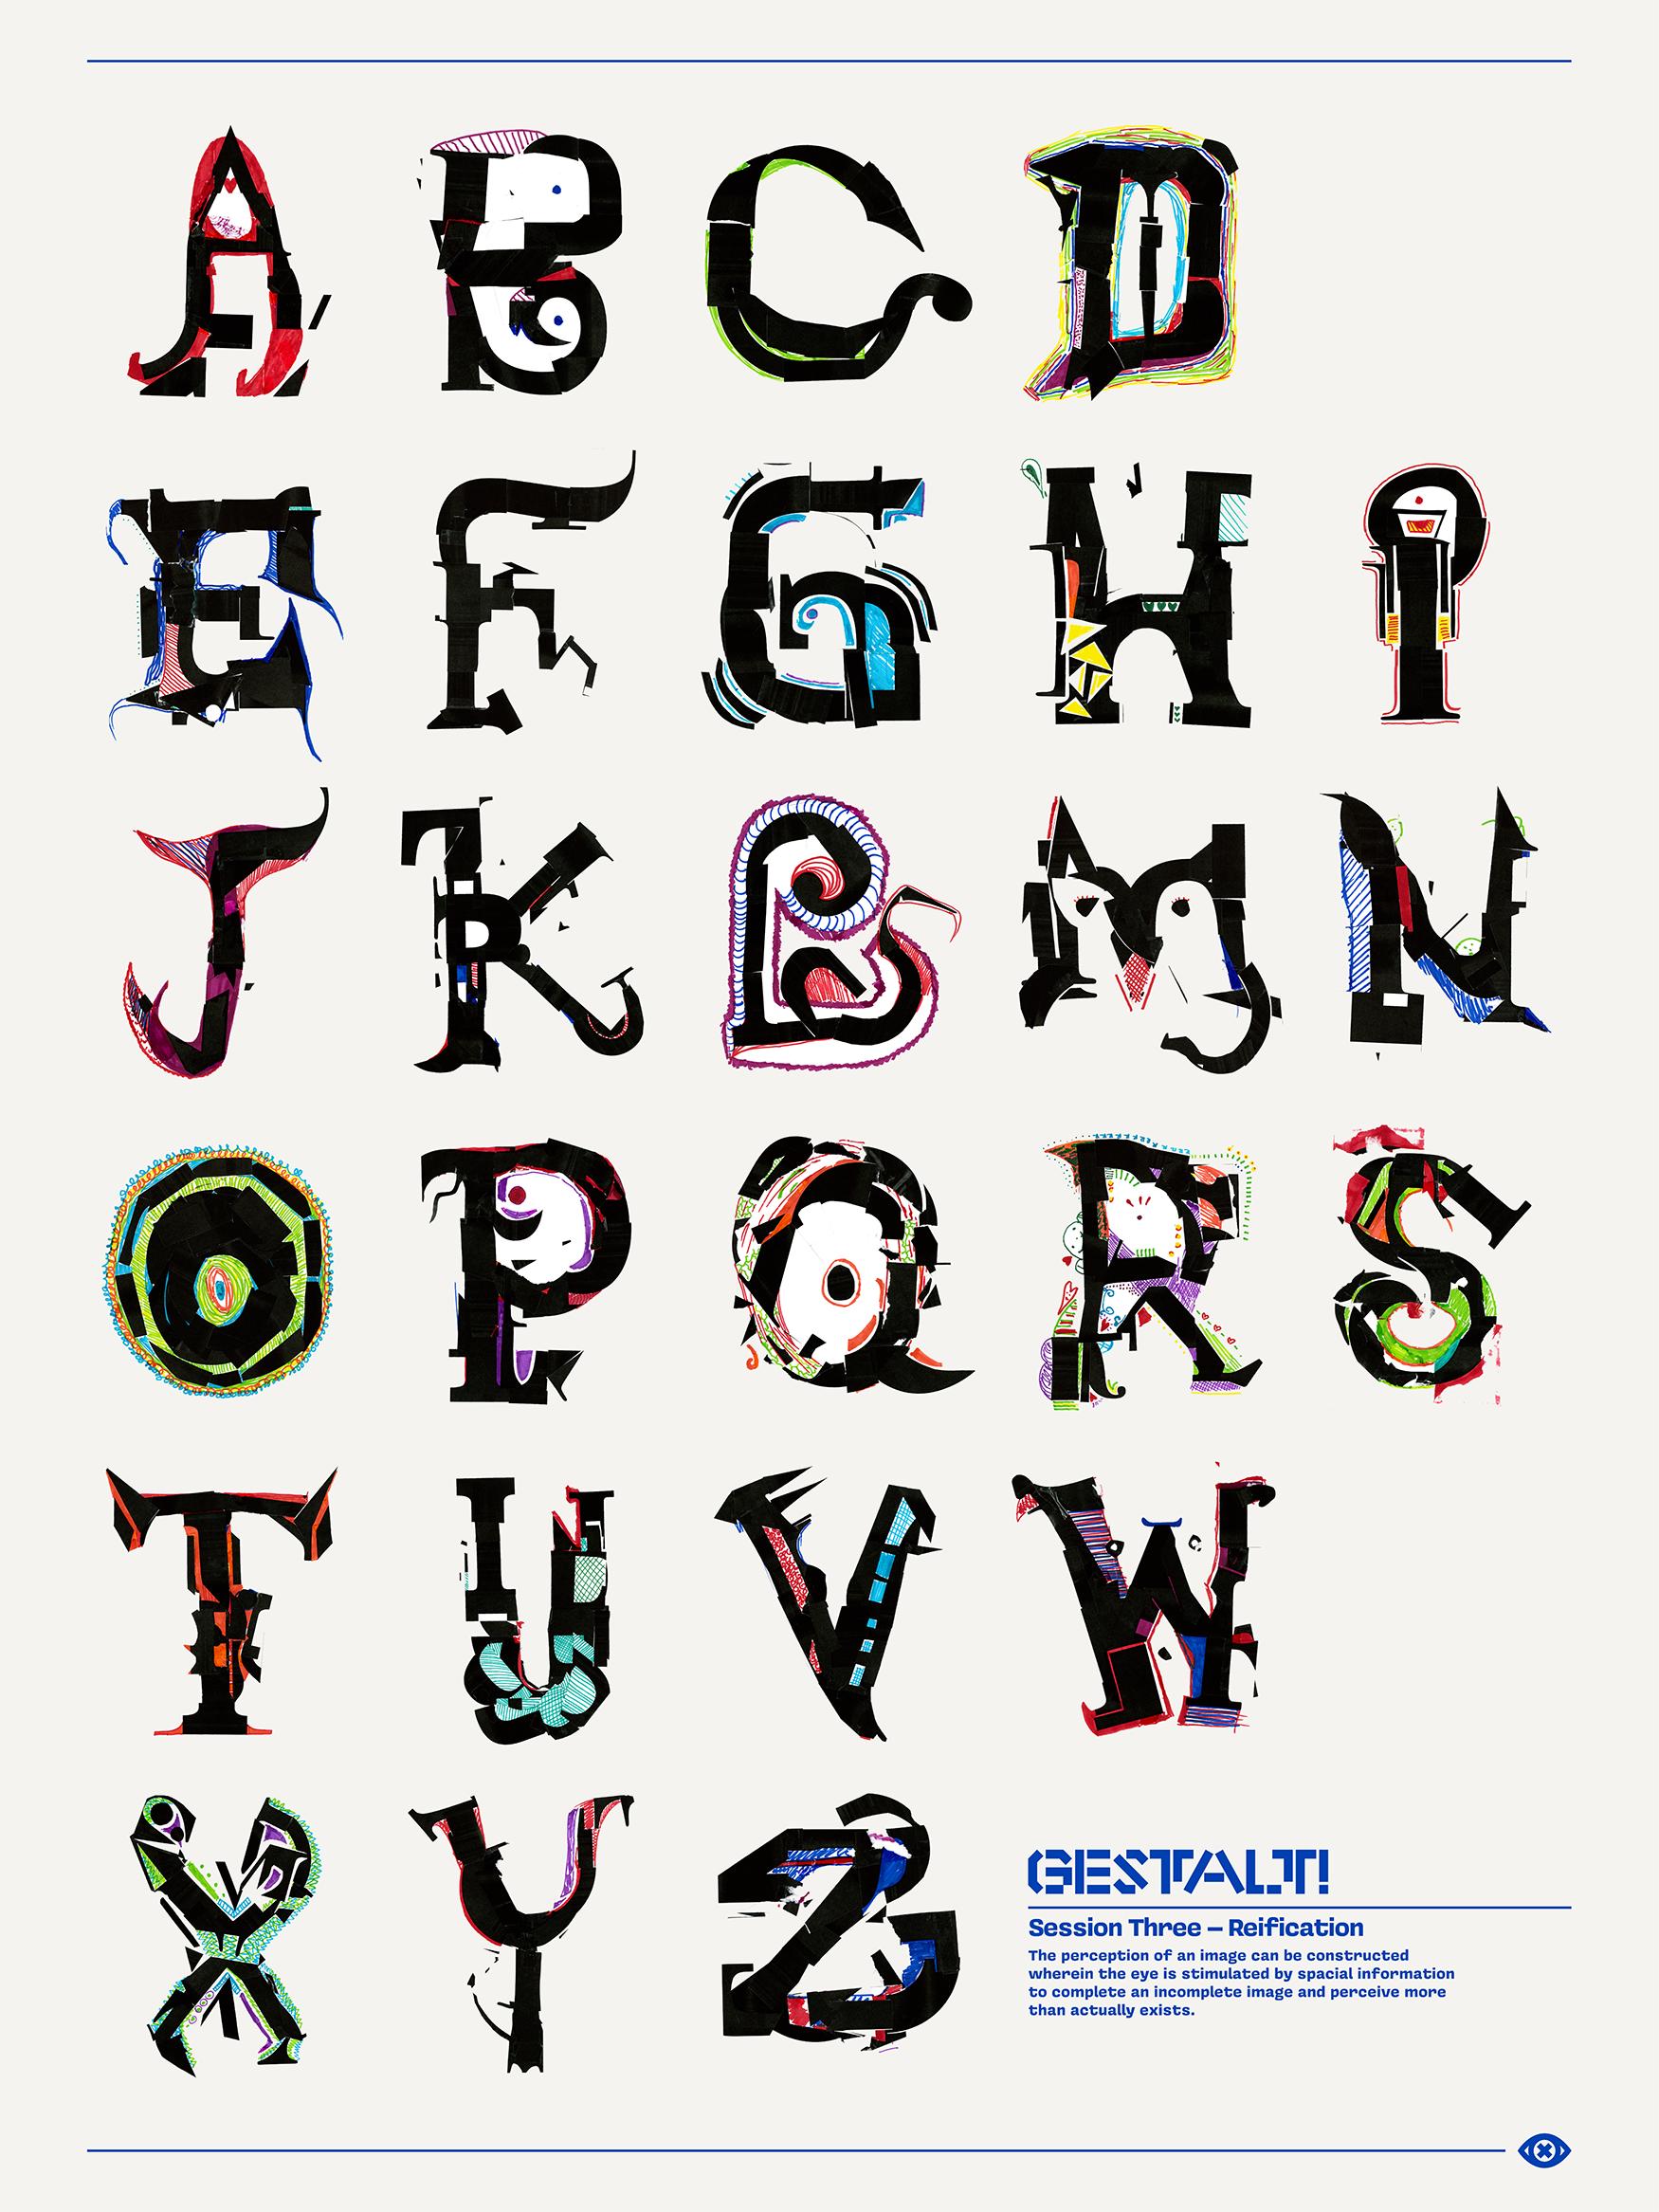 Gestalt_Reification_FinalPosters-16.png